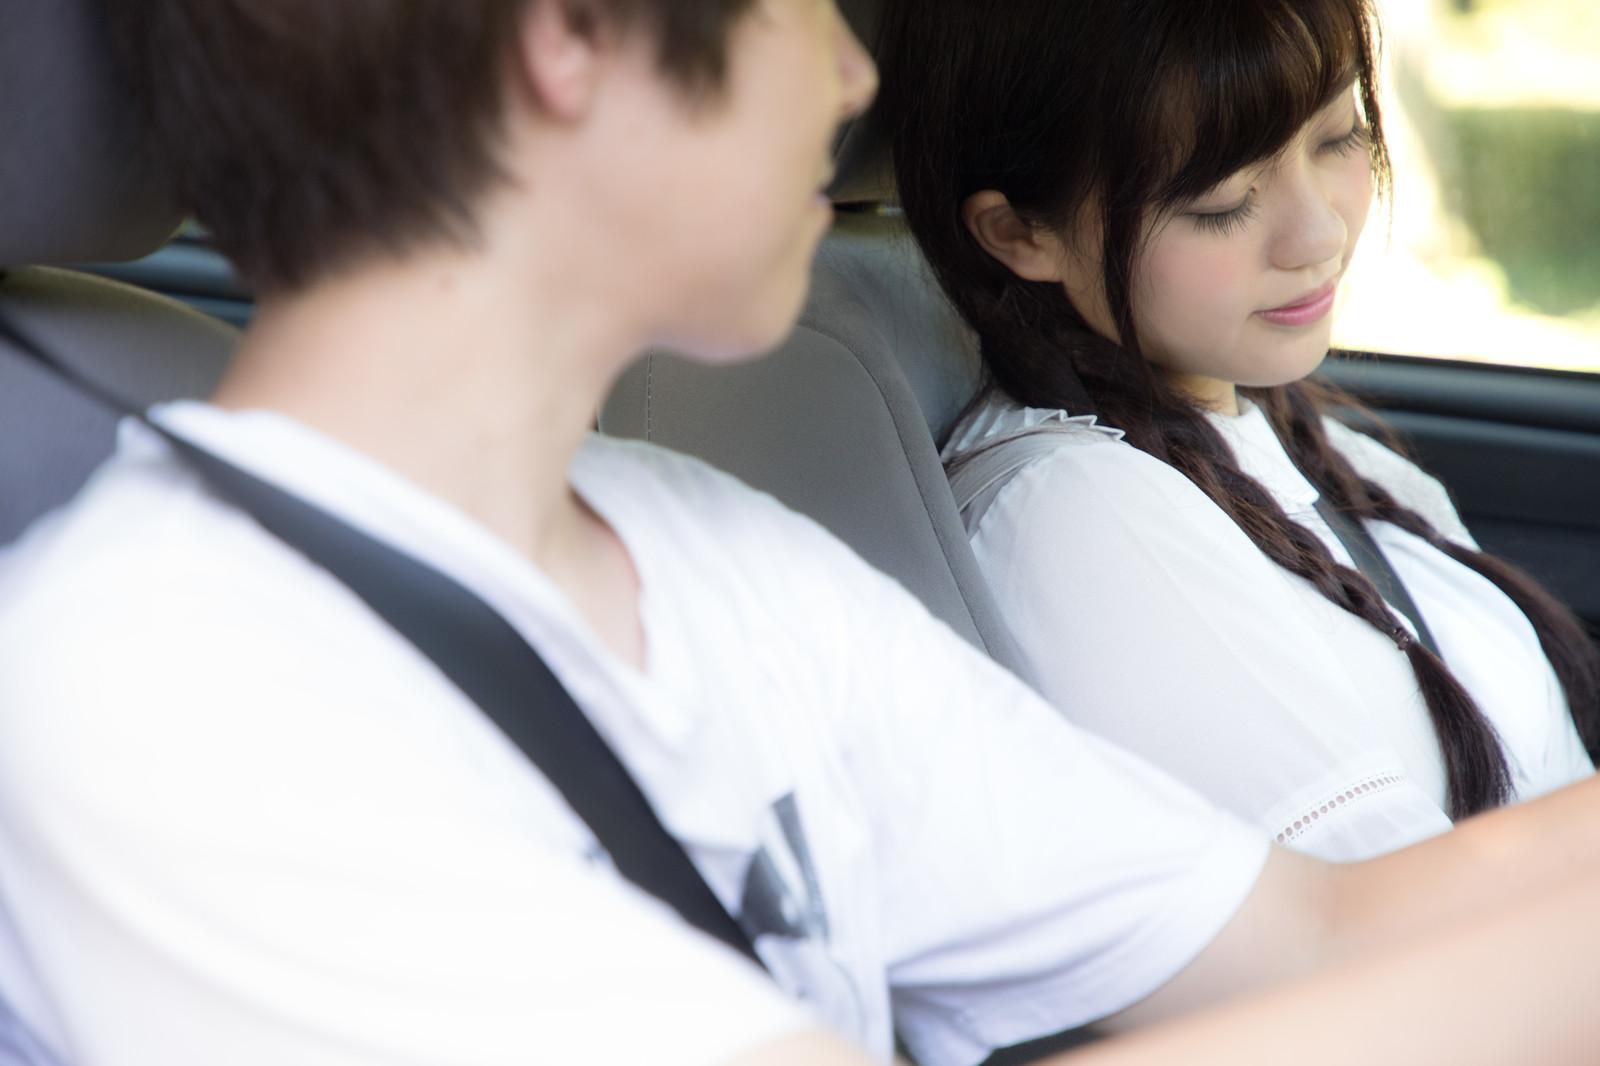 【ドライブデート】ドライブデートを絶対成功させるためのポイント